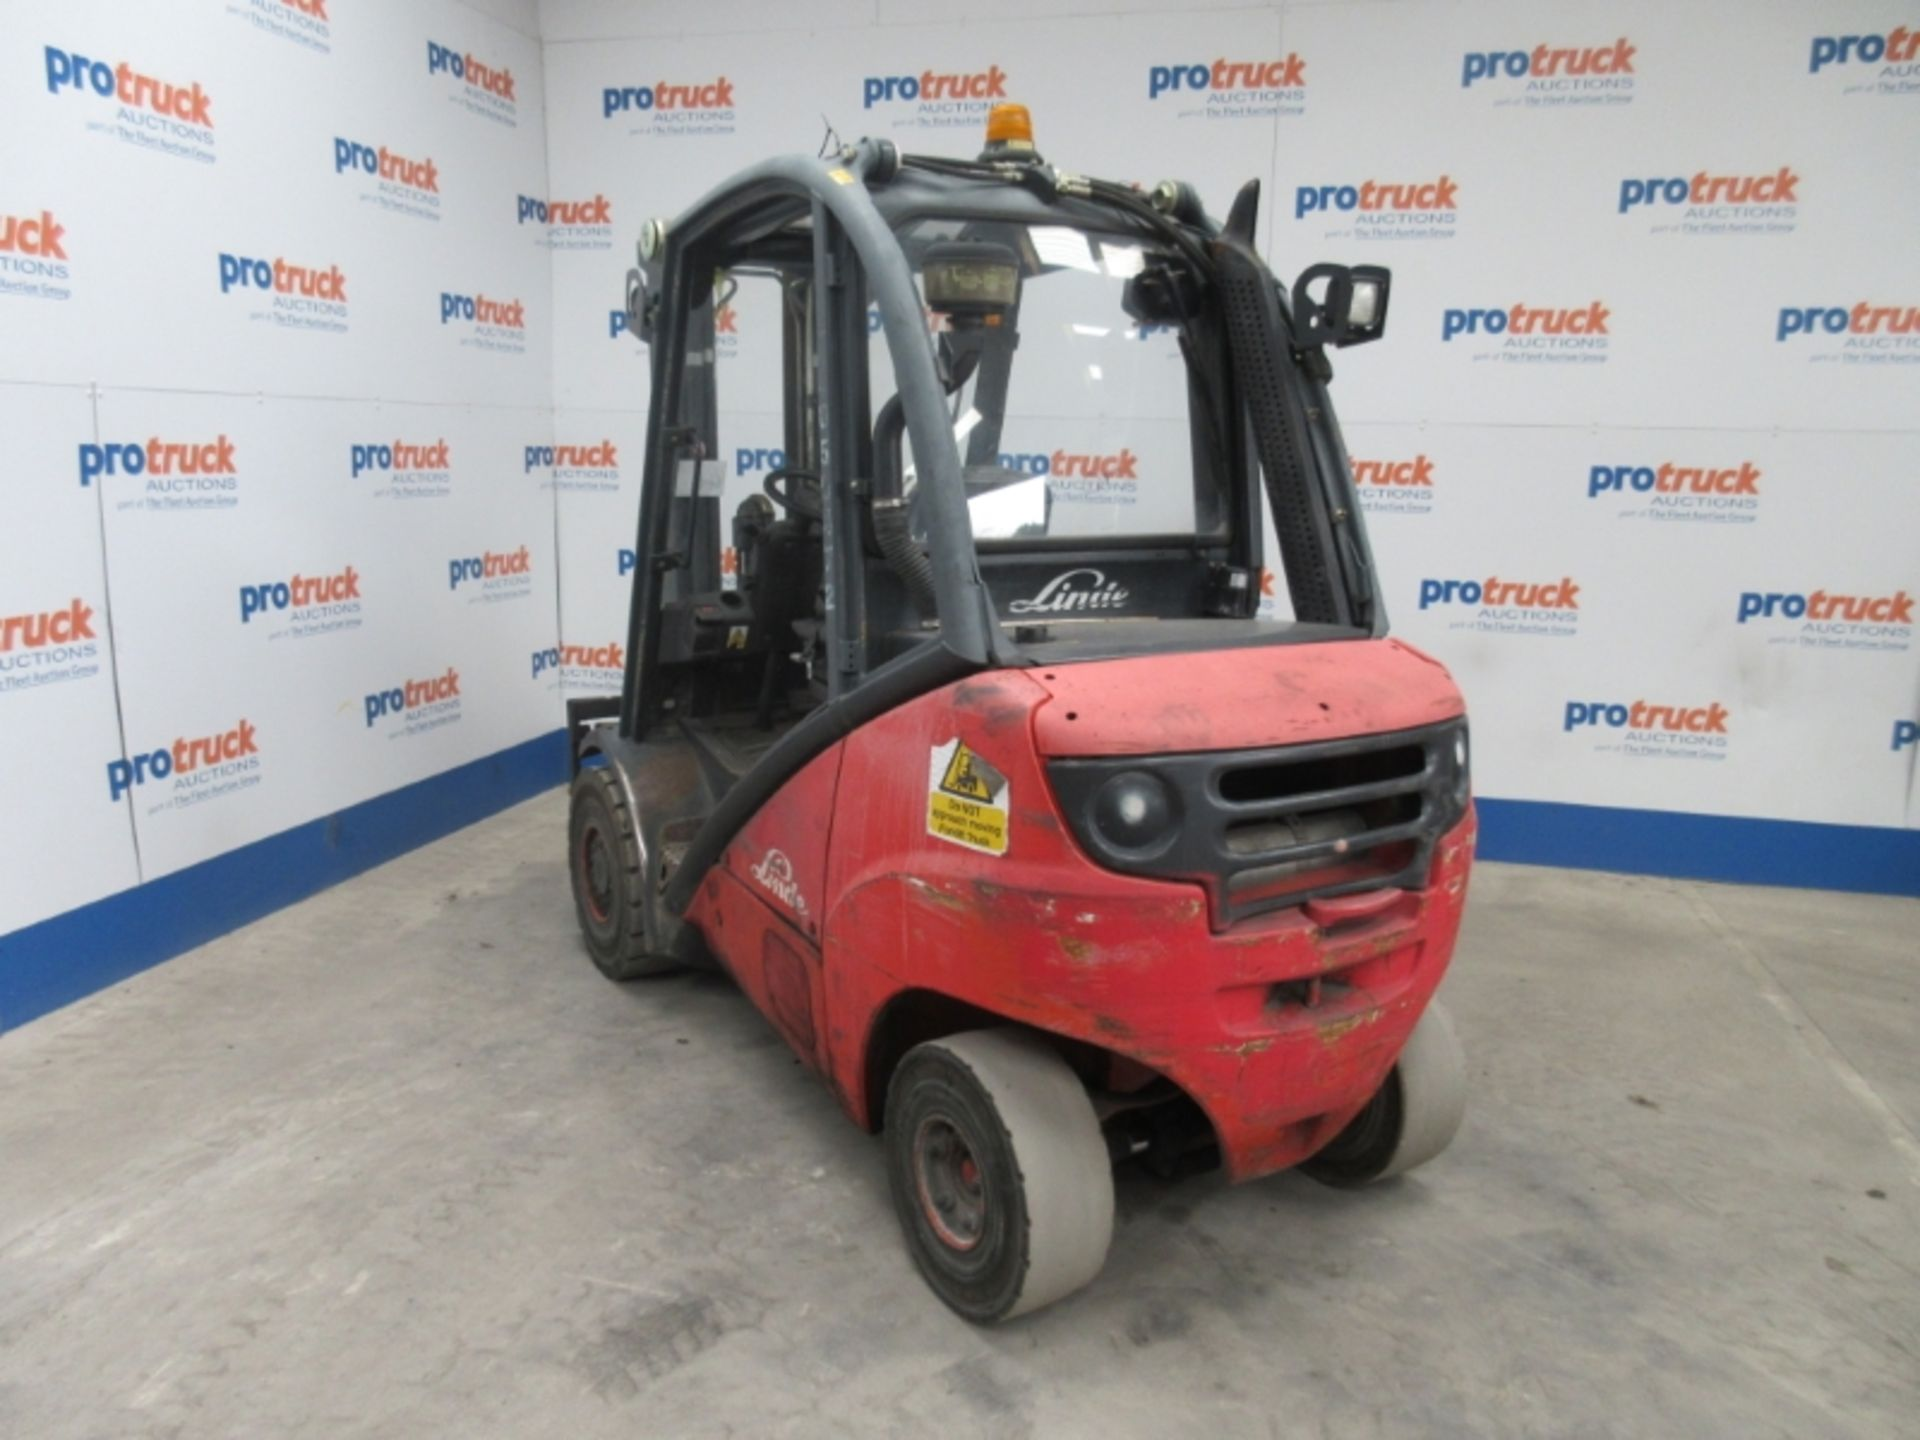 Lot 46 - LINDE H30D Plant Diesel - VIN: H2X393T04912 - Year: 2006 - 7,900 Hours - Duplex Forklift, Sideshift,